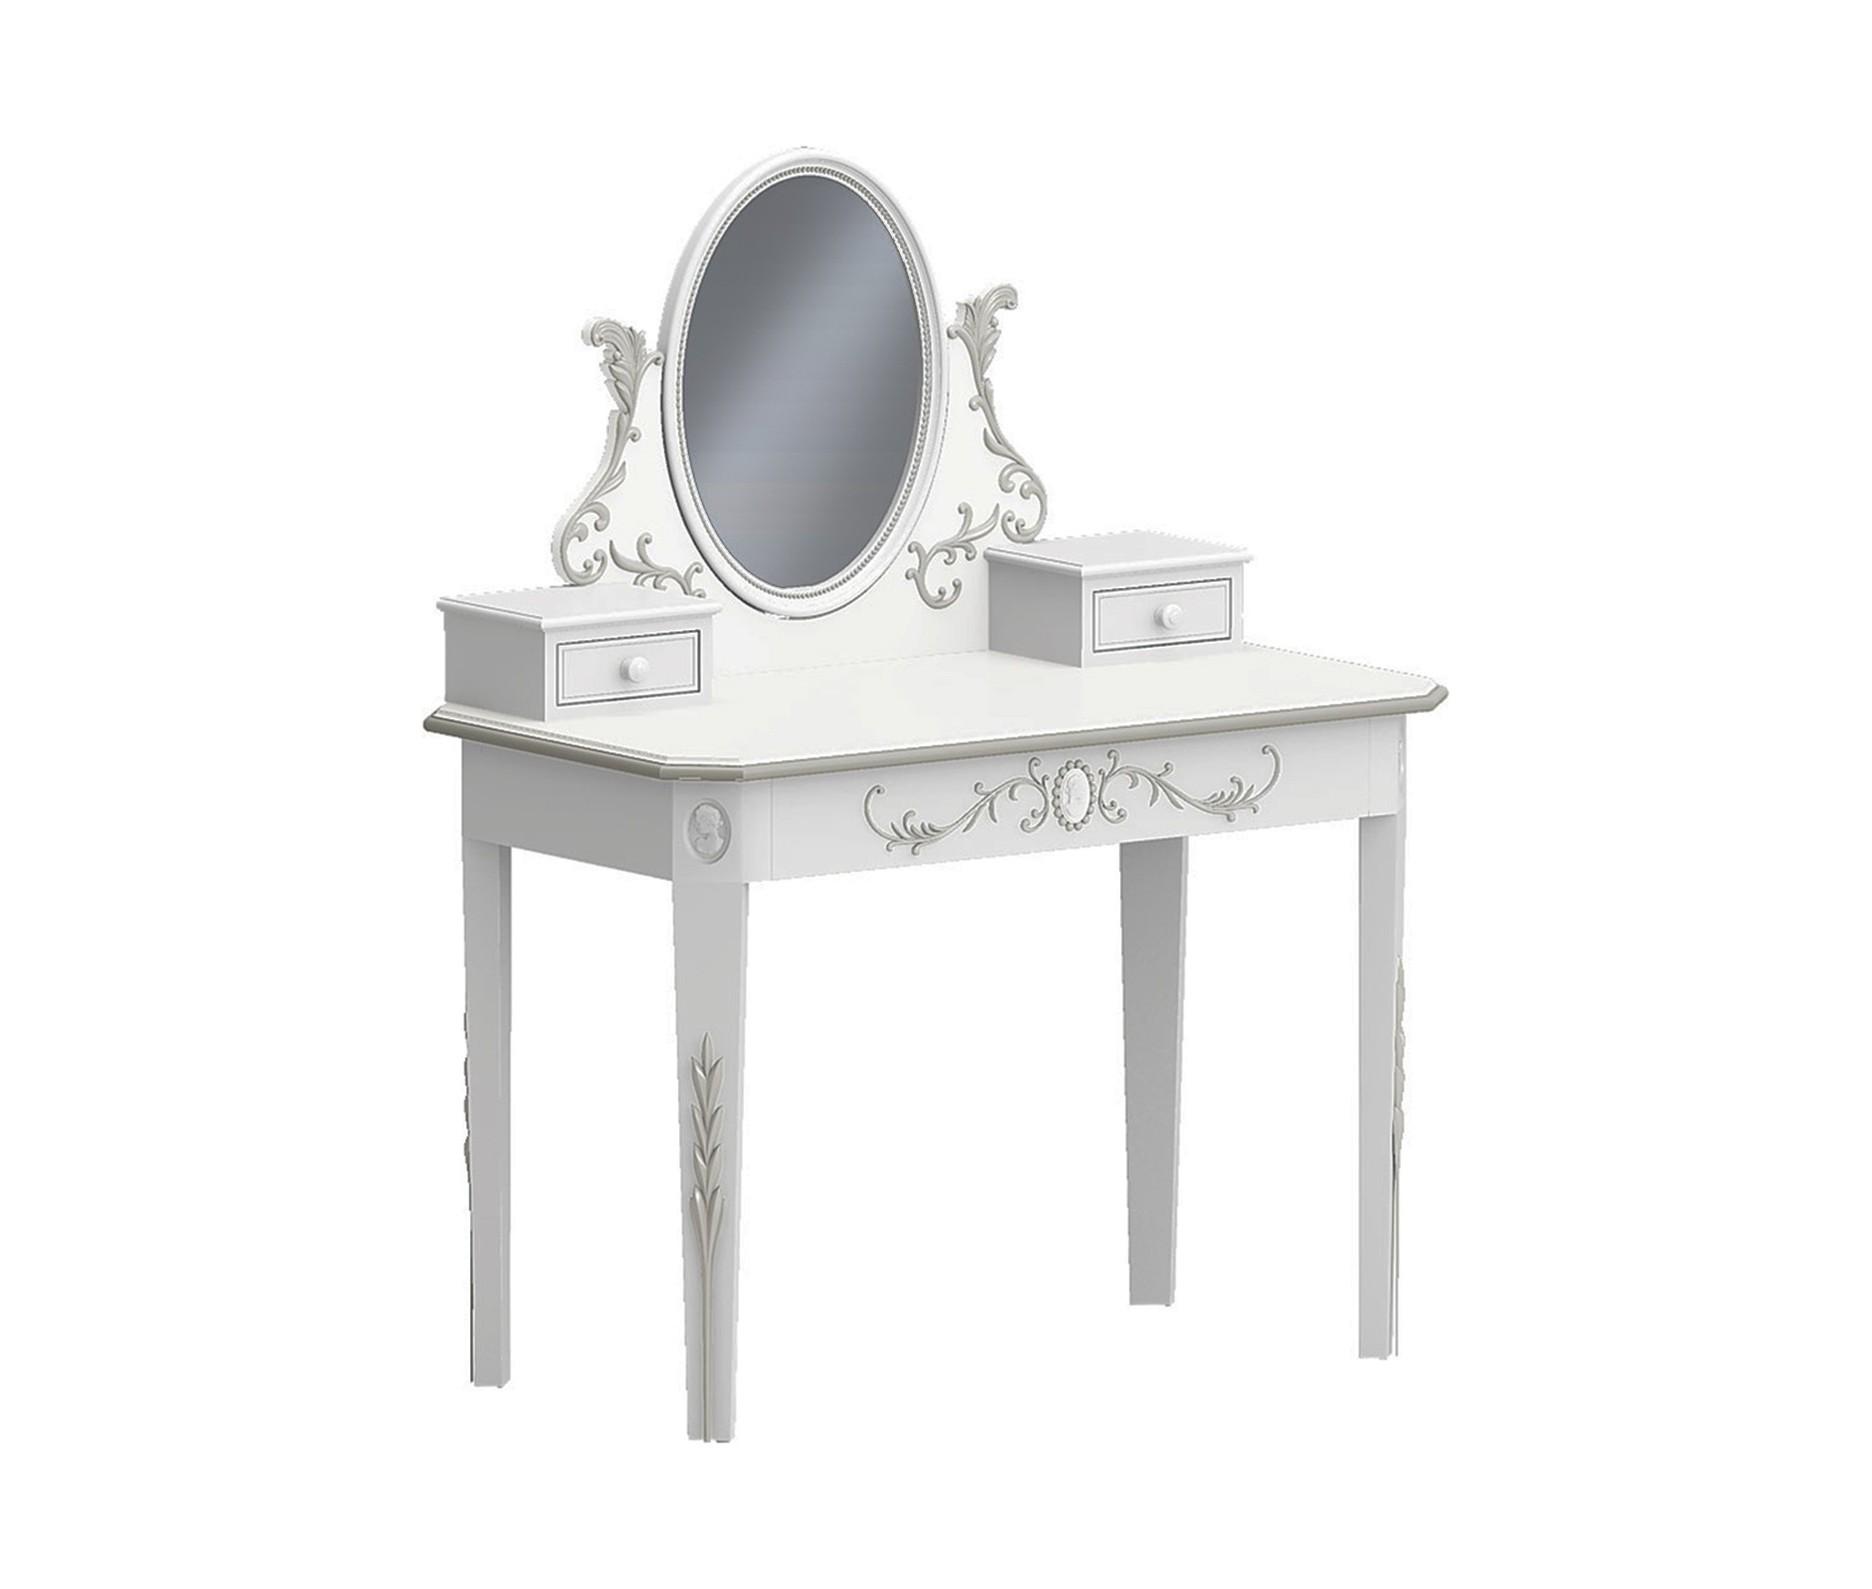 Туалетный столик с зеркалом и ящиками БудуарТуалетные столики<br>Белая мебель для спальни коллекции &amp;quot;Будуар&amp;quot; - классическая мебель стиля Барокко, воплотившая в себе женственность, красоту и нежность дамских будуаров XVIII века. Узоры из жемчужин, цветов и камей - все это объединяет в себе тонкий лепной бордюр, искусно украшающий белую мебель, а легкое патинирование придает ему оттенок времени и неповторимого шика.<br><br>Material: Бук<br>Length см: 0<br>Width см: 110<br>Depth см: 60<br>Height см: 140<br>Diameter см: 0